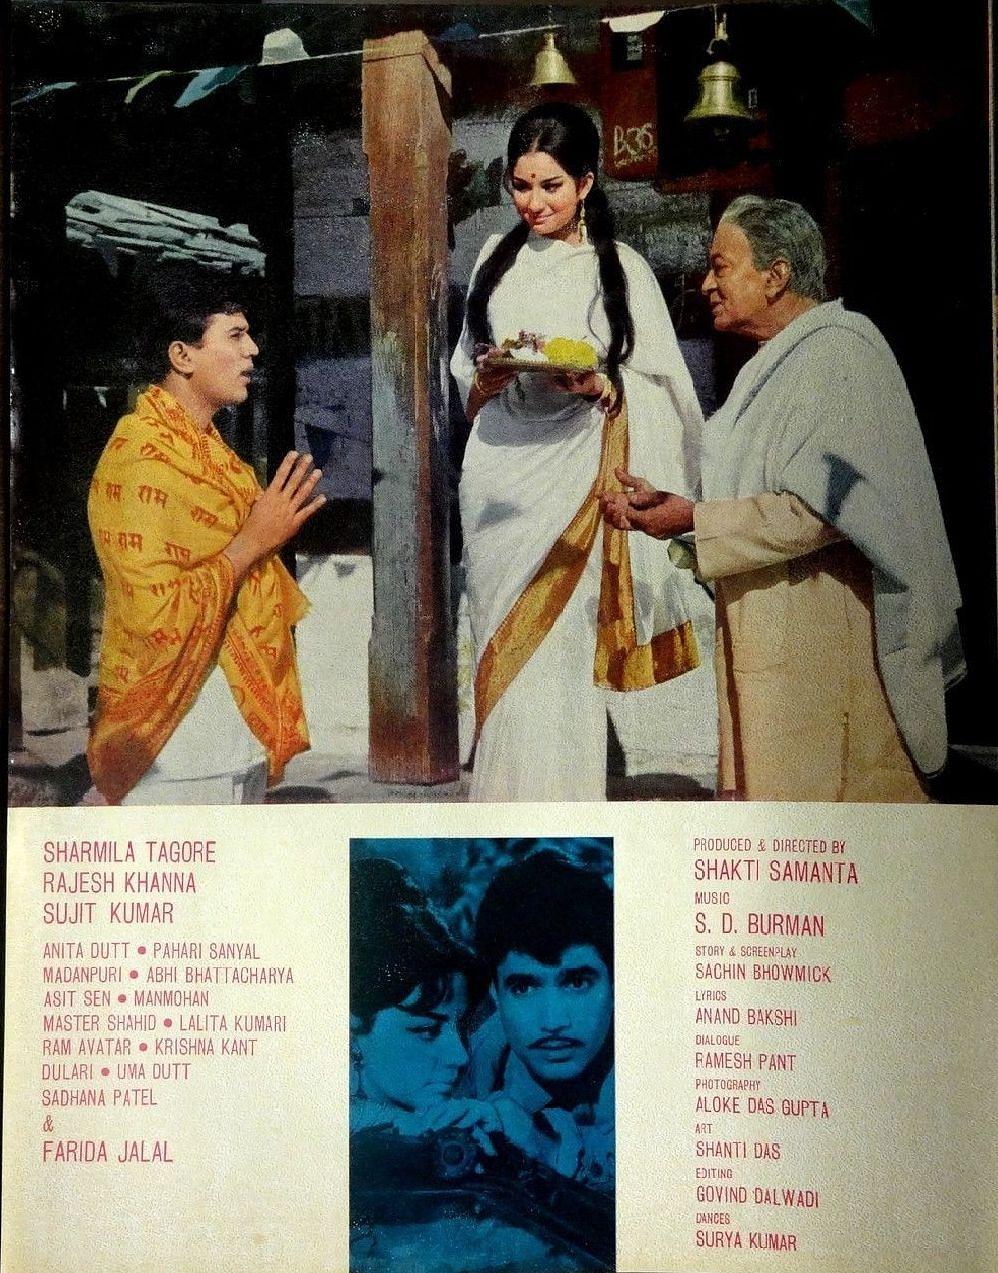 A photo card of <i>Aradhana.</i>